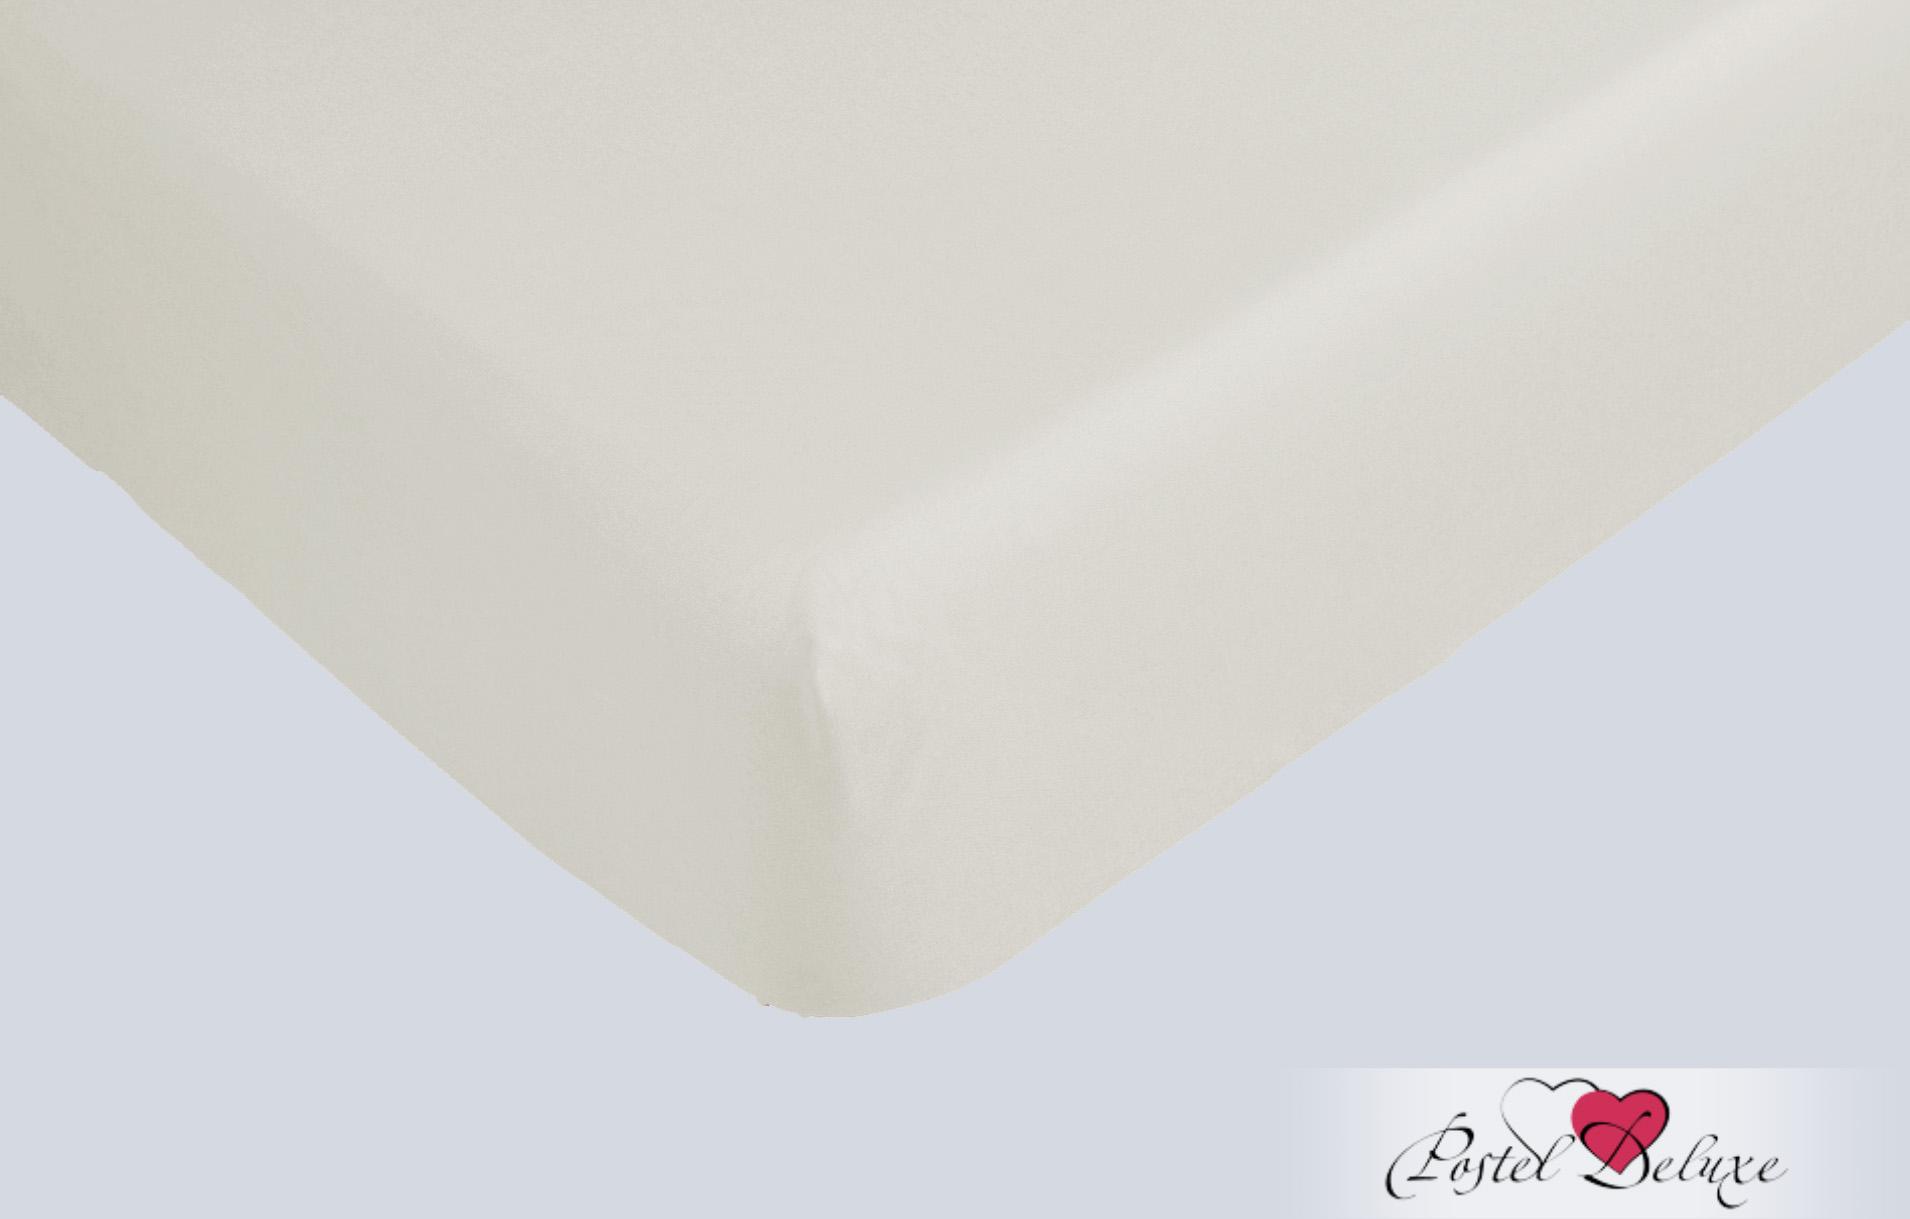 Простыни на резинке BoleroПростыни на резинке<br>Производитель: Bolero<br>Страна производства: Чехия<br>Материал: Джерси<br>Состав: 100% хлопок<br>Размер простыни: 160х200<br>Высота бортика: 20 см<br>Тип простыни: На резинке<br>Упаковка: Полиэтиленовый пакет<br><br>Тип: простыня<br>Размерность комплекта: None<br>Материал: Джерси<br>Размер наволочки: None<br>Подарочная упаковка: None<br>Для детей: нет<br>Ткань: Джерси<br>Цвет: Кремовый